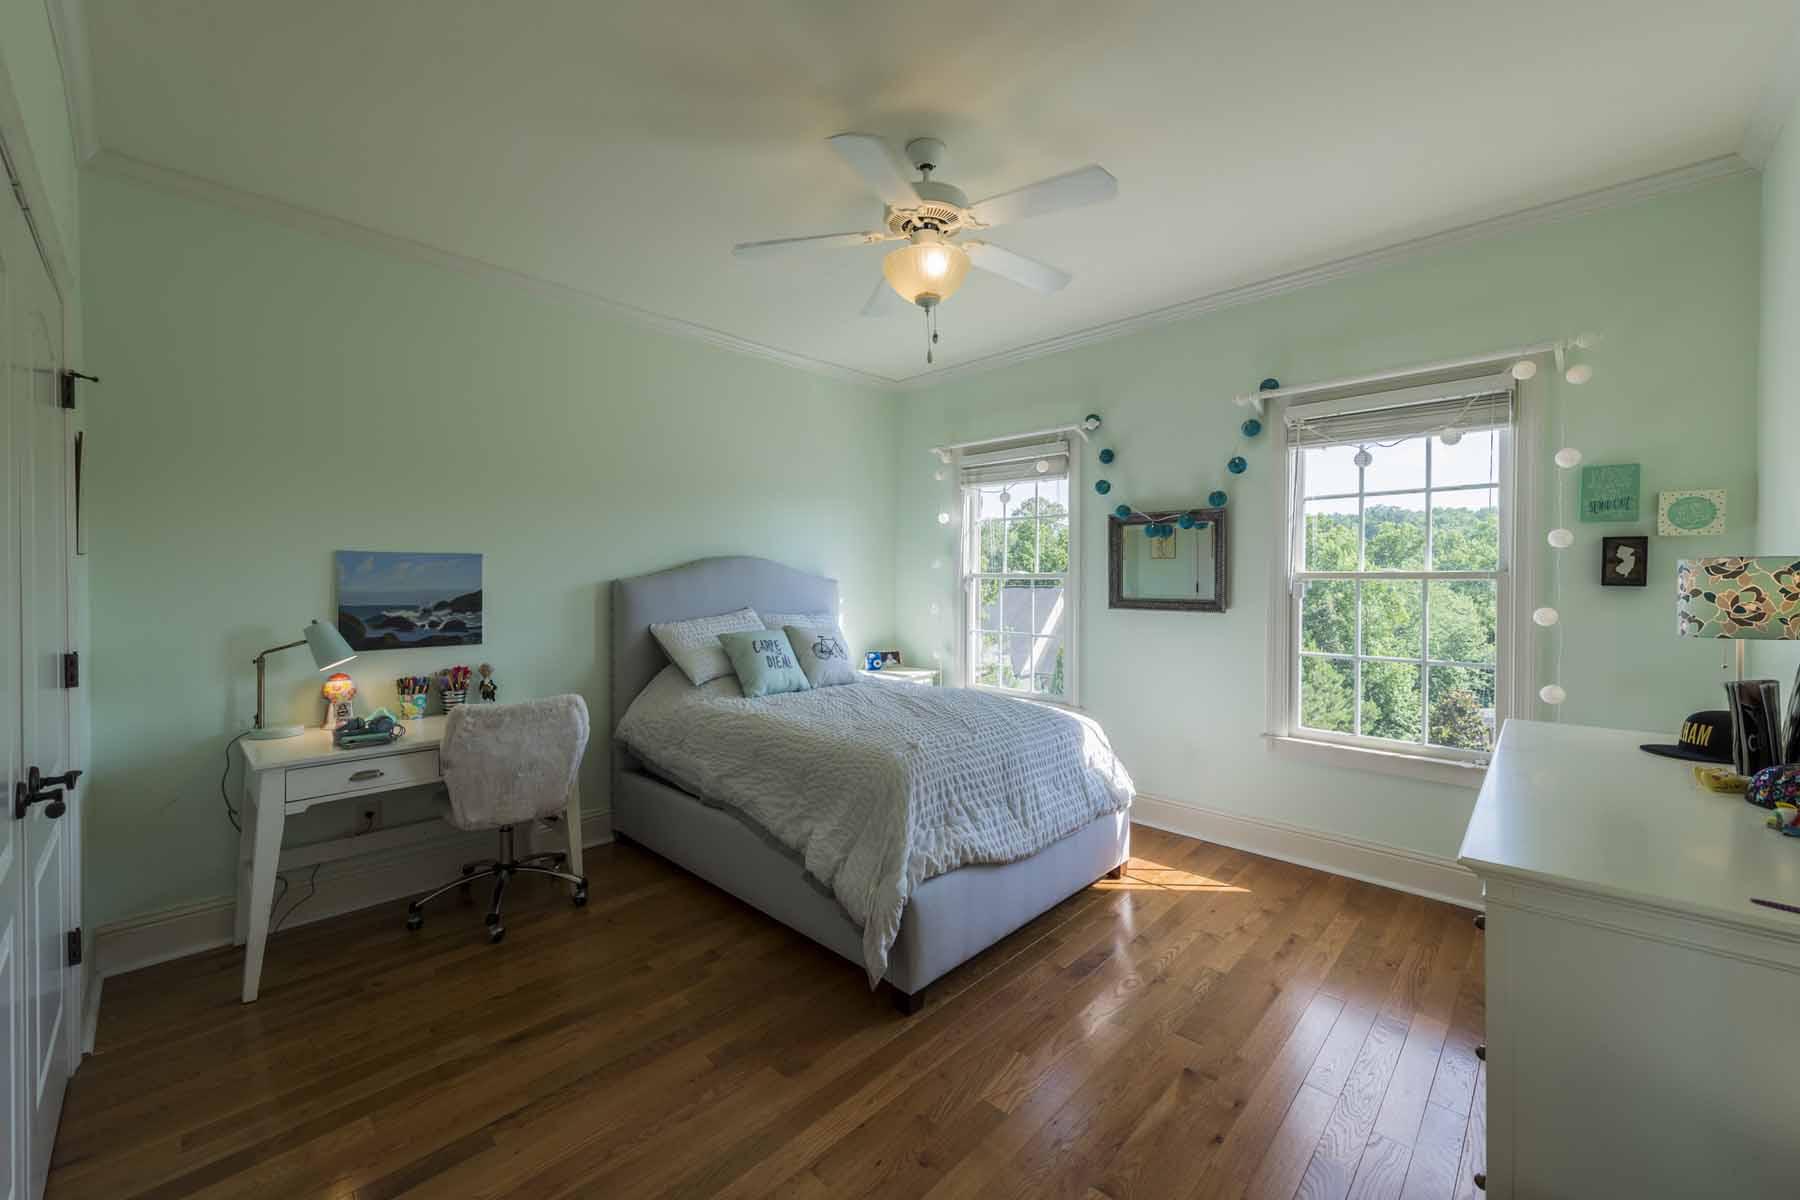 独户住宅 为 销售 在 Your Staycation Destination 200 Inwood Terrace 罗斯威尔, 乔治亚州, 30075 美国